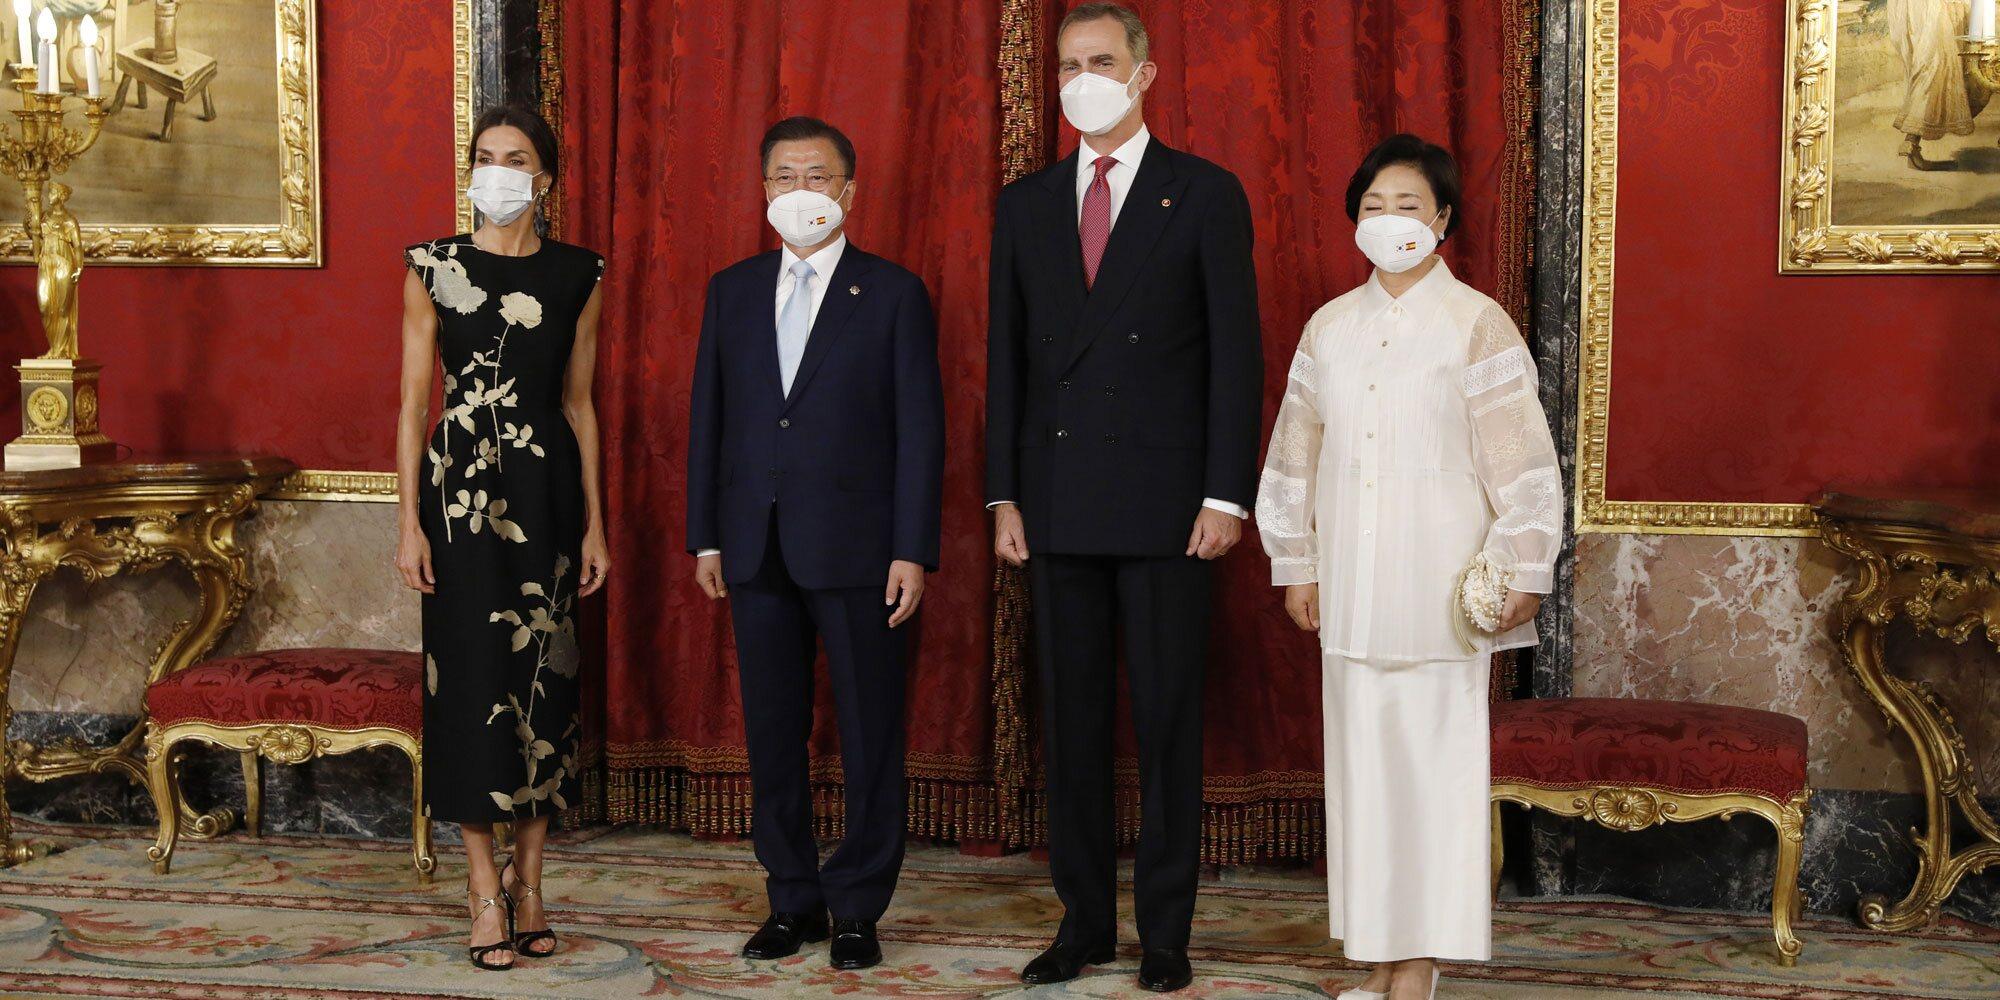 Homenajeados conocidos y cambios por la pandemia en la cena de Estado de los Reyes Felipe y Letizia al Presidente surcoreano